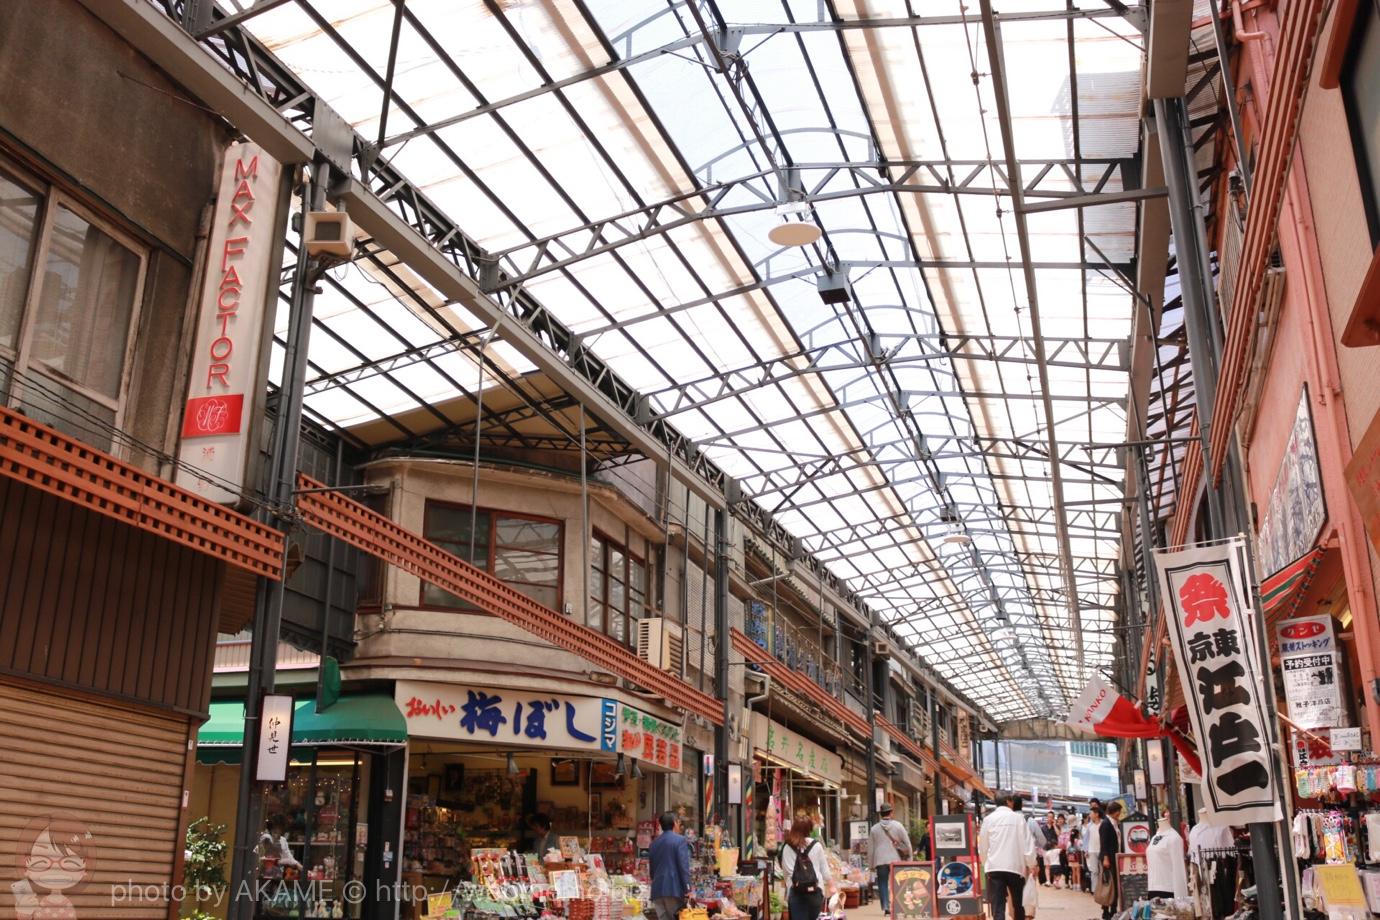 熱海 平和通り商店街の様子